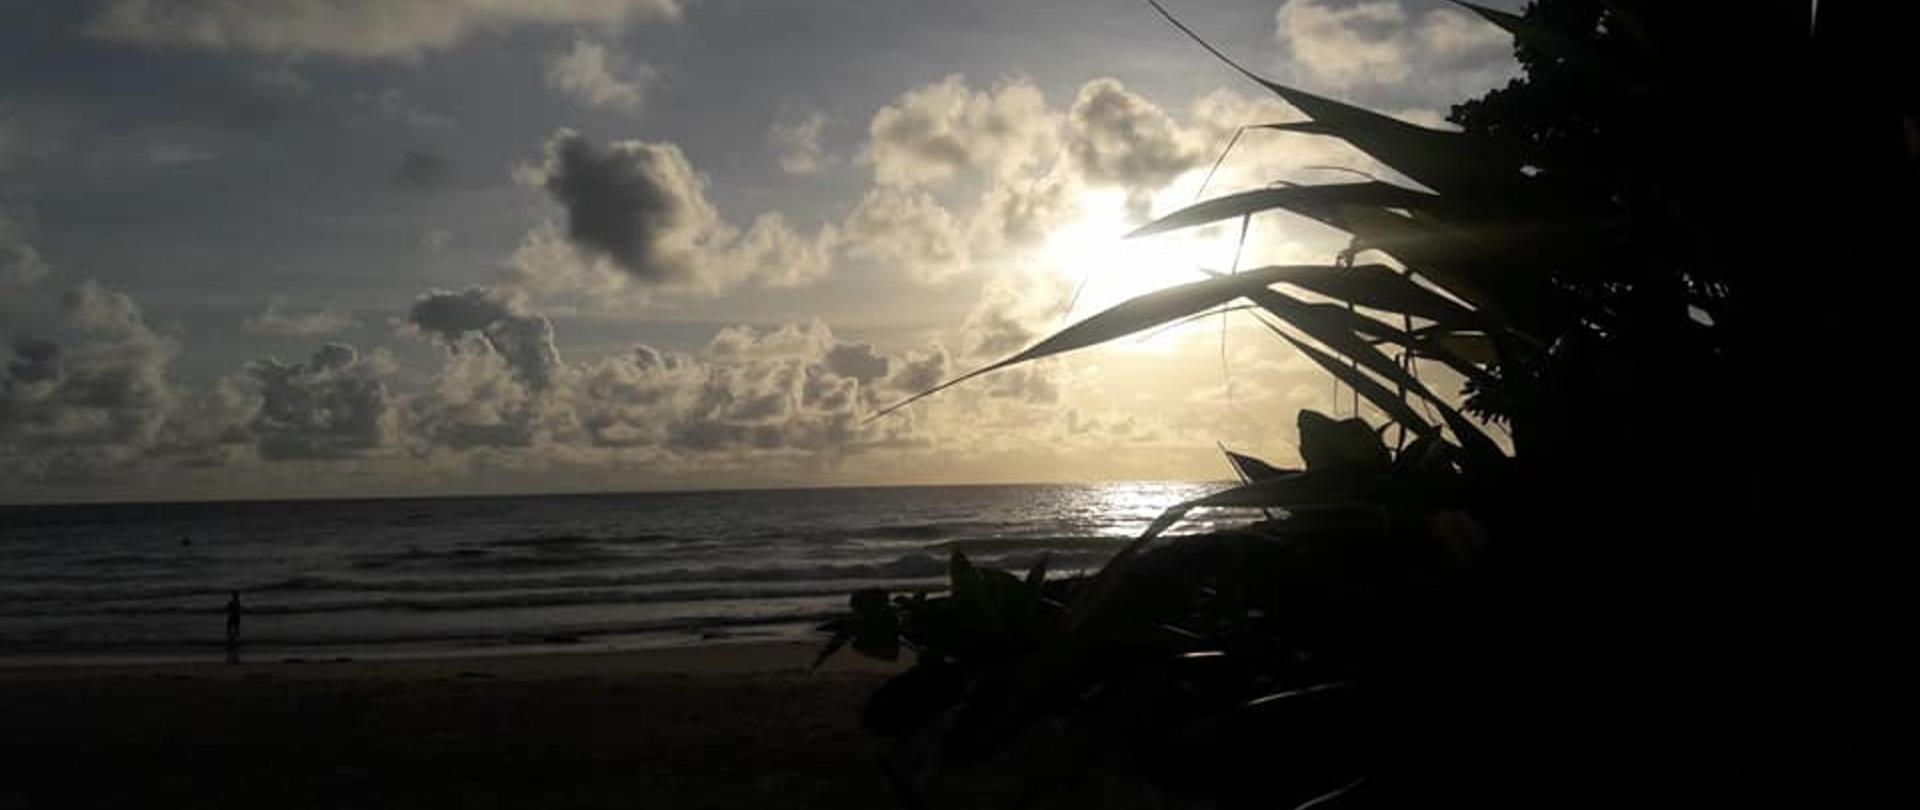 praiarenato6.jpg